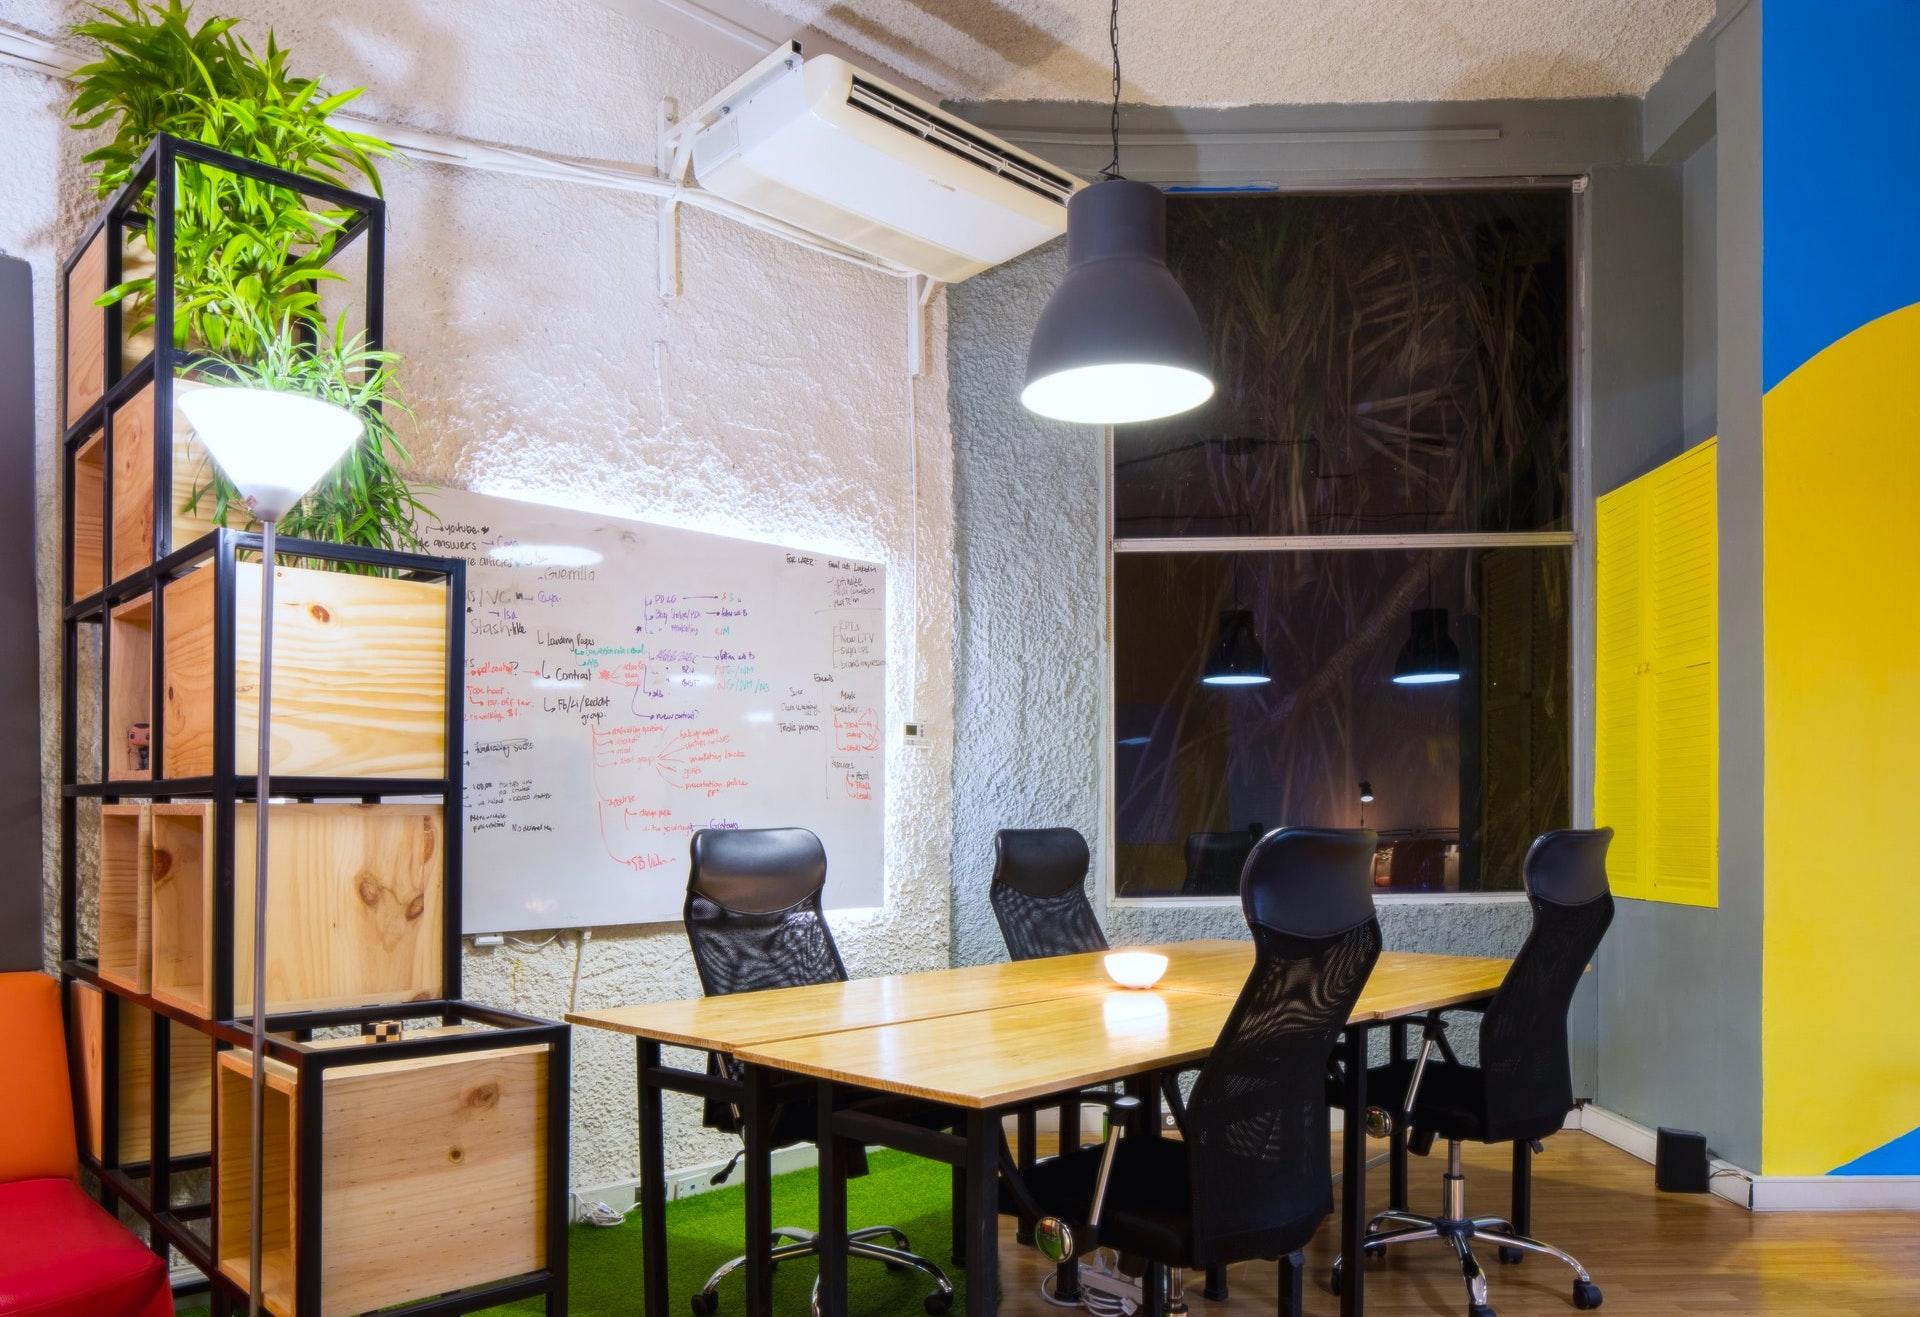 レンタルオフィス|名古屋にある格安料金の個室&法人登記可能なオフィス5選